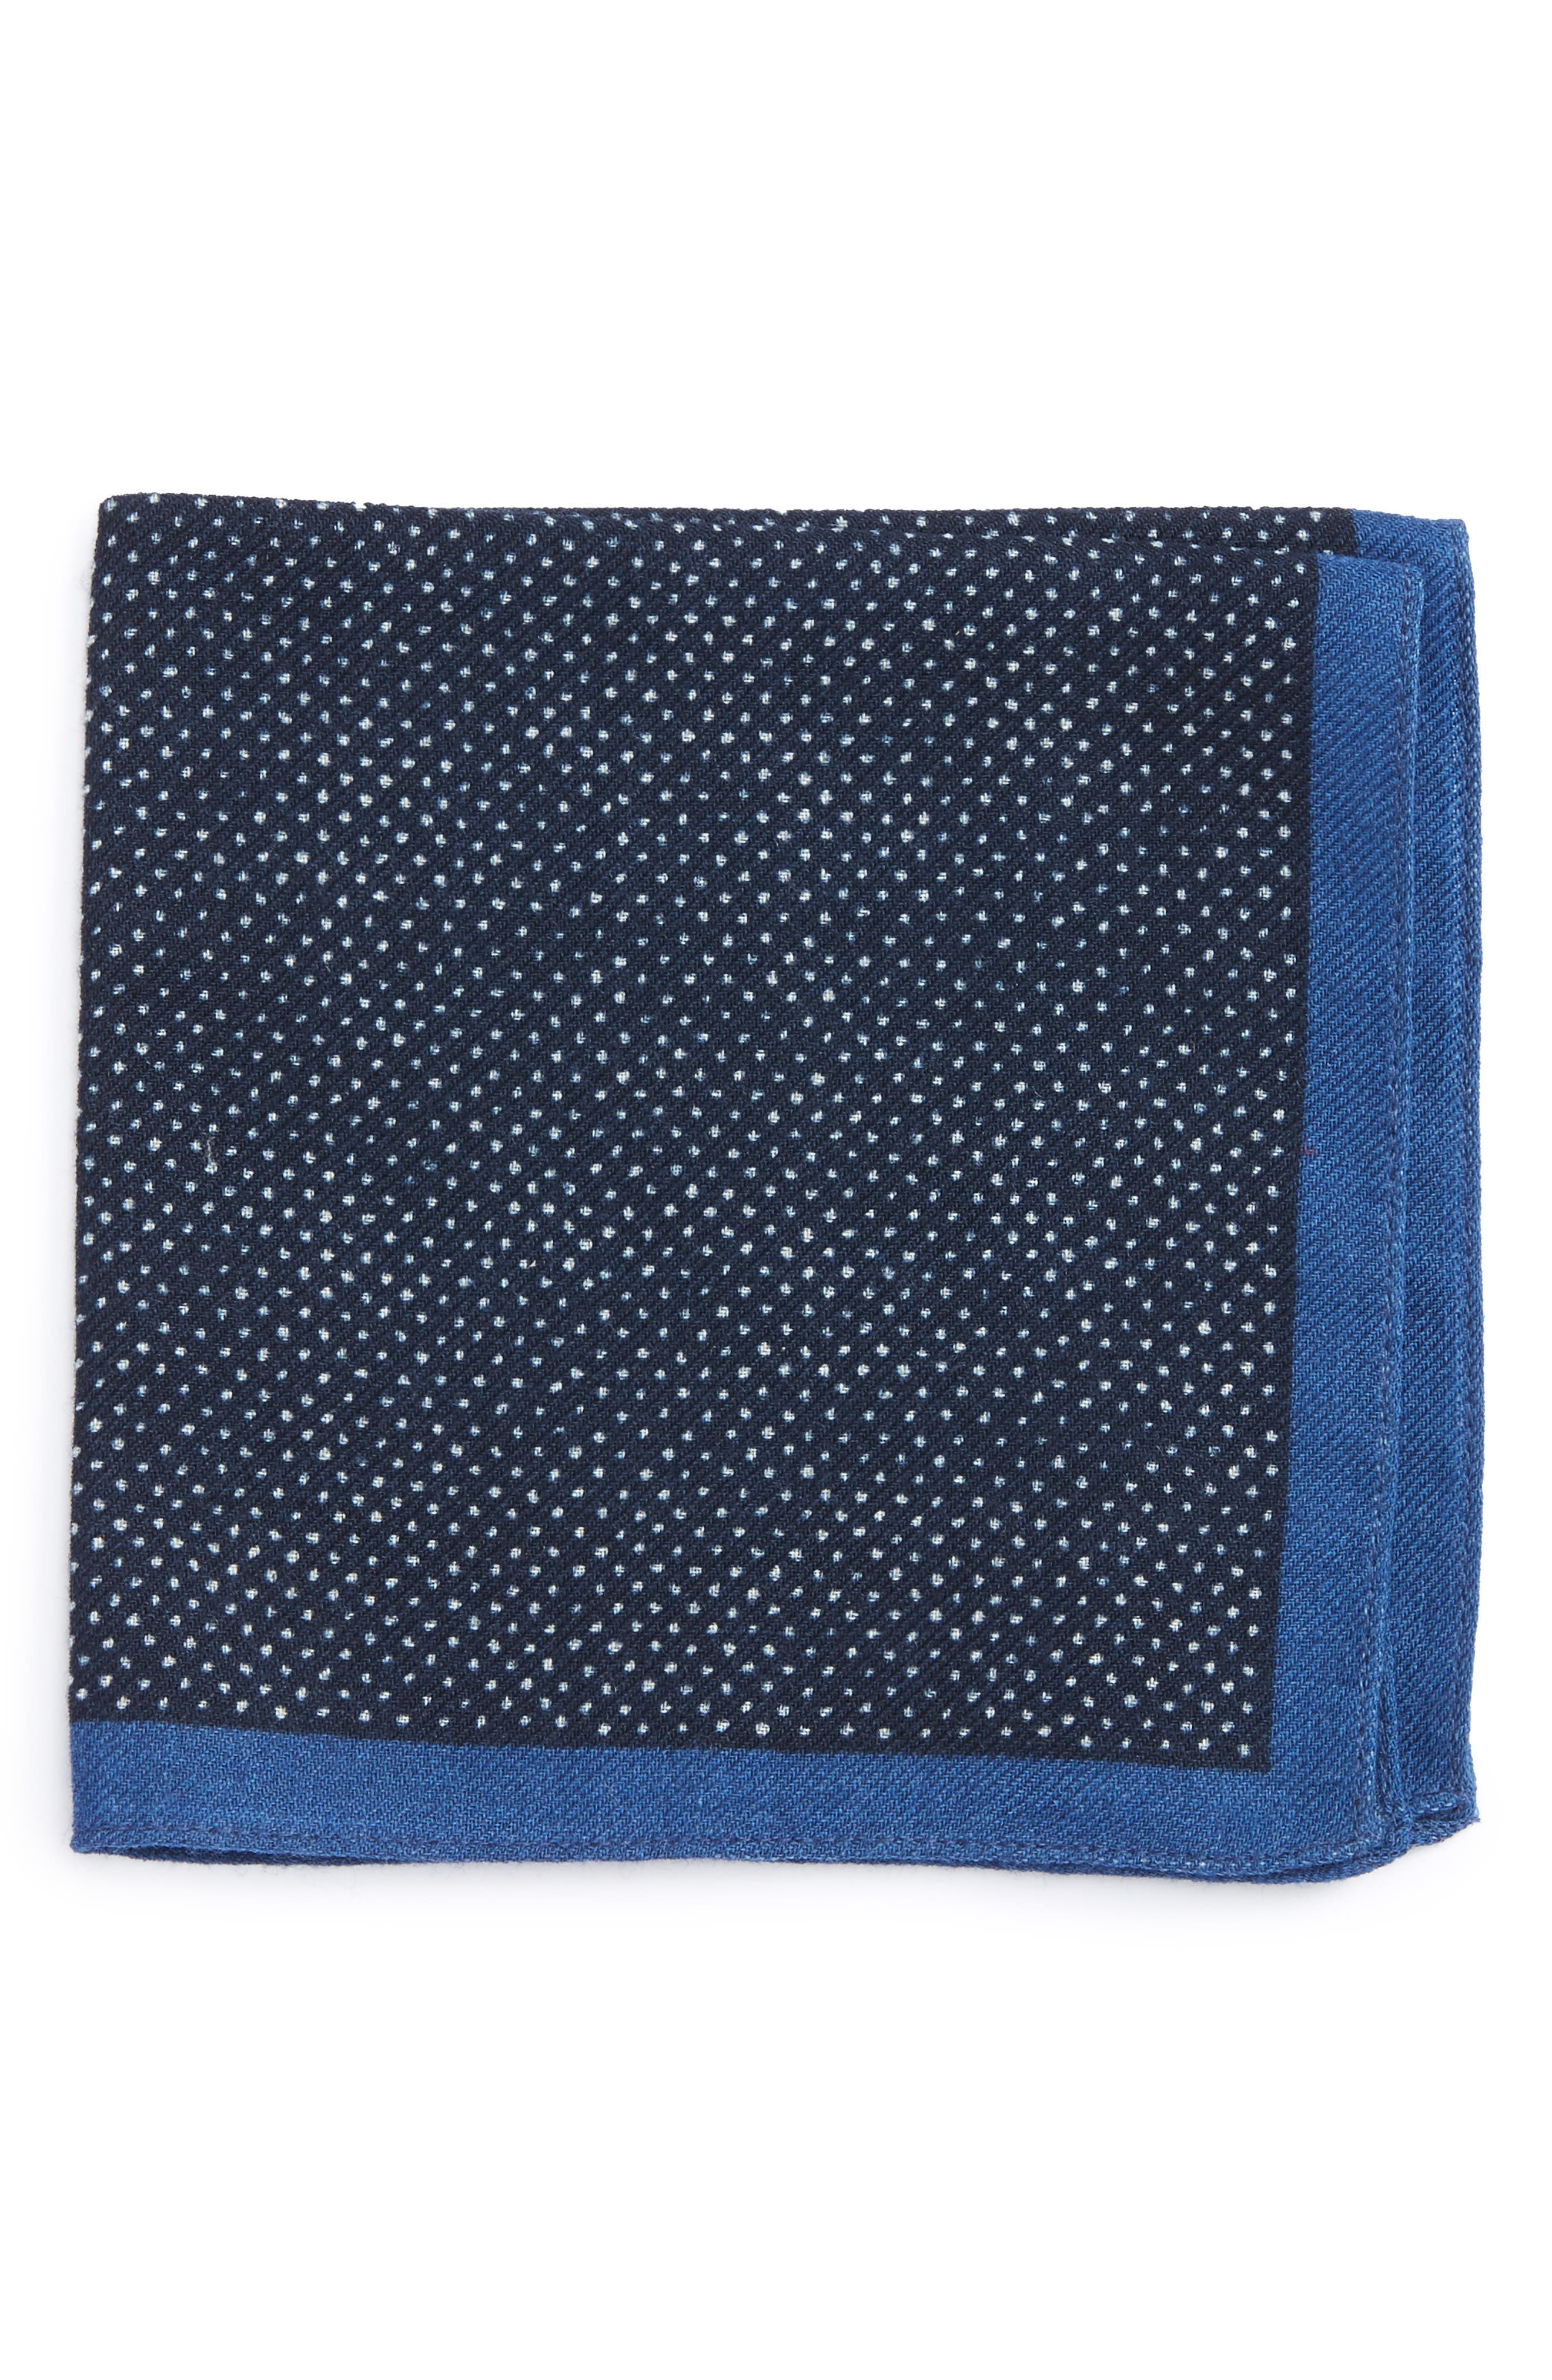 Dot Wool Pocket Square,                             Main thumbnail 1, color,                             411